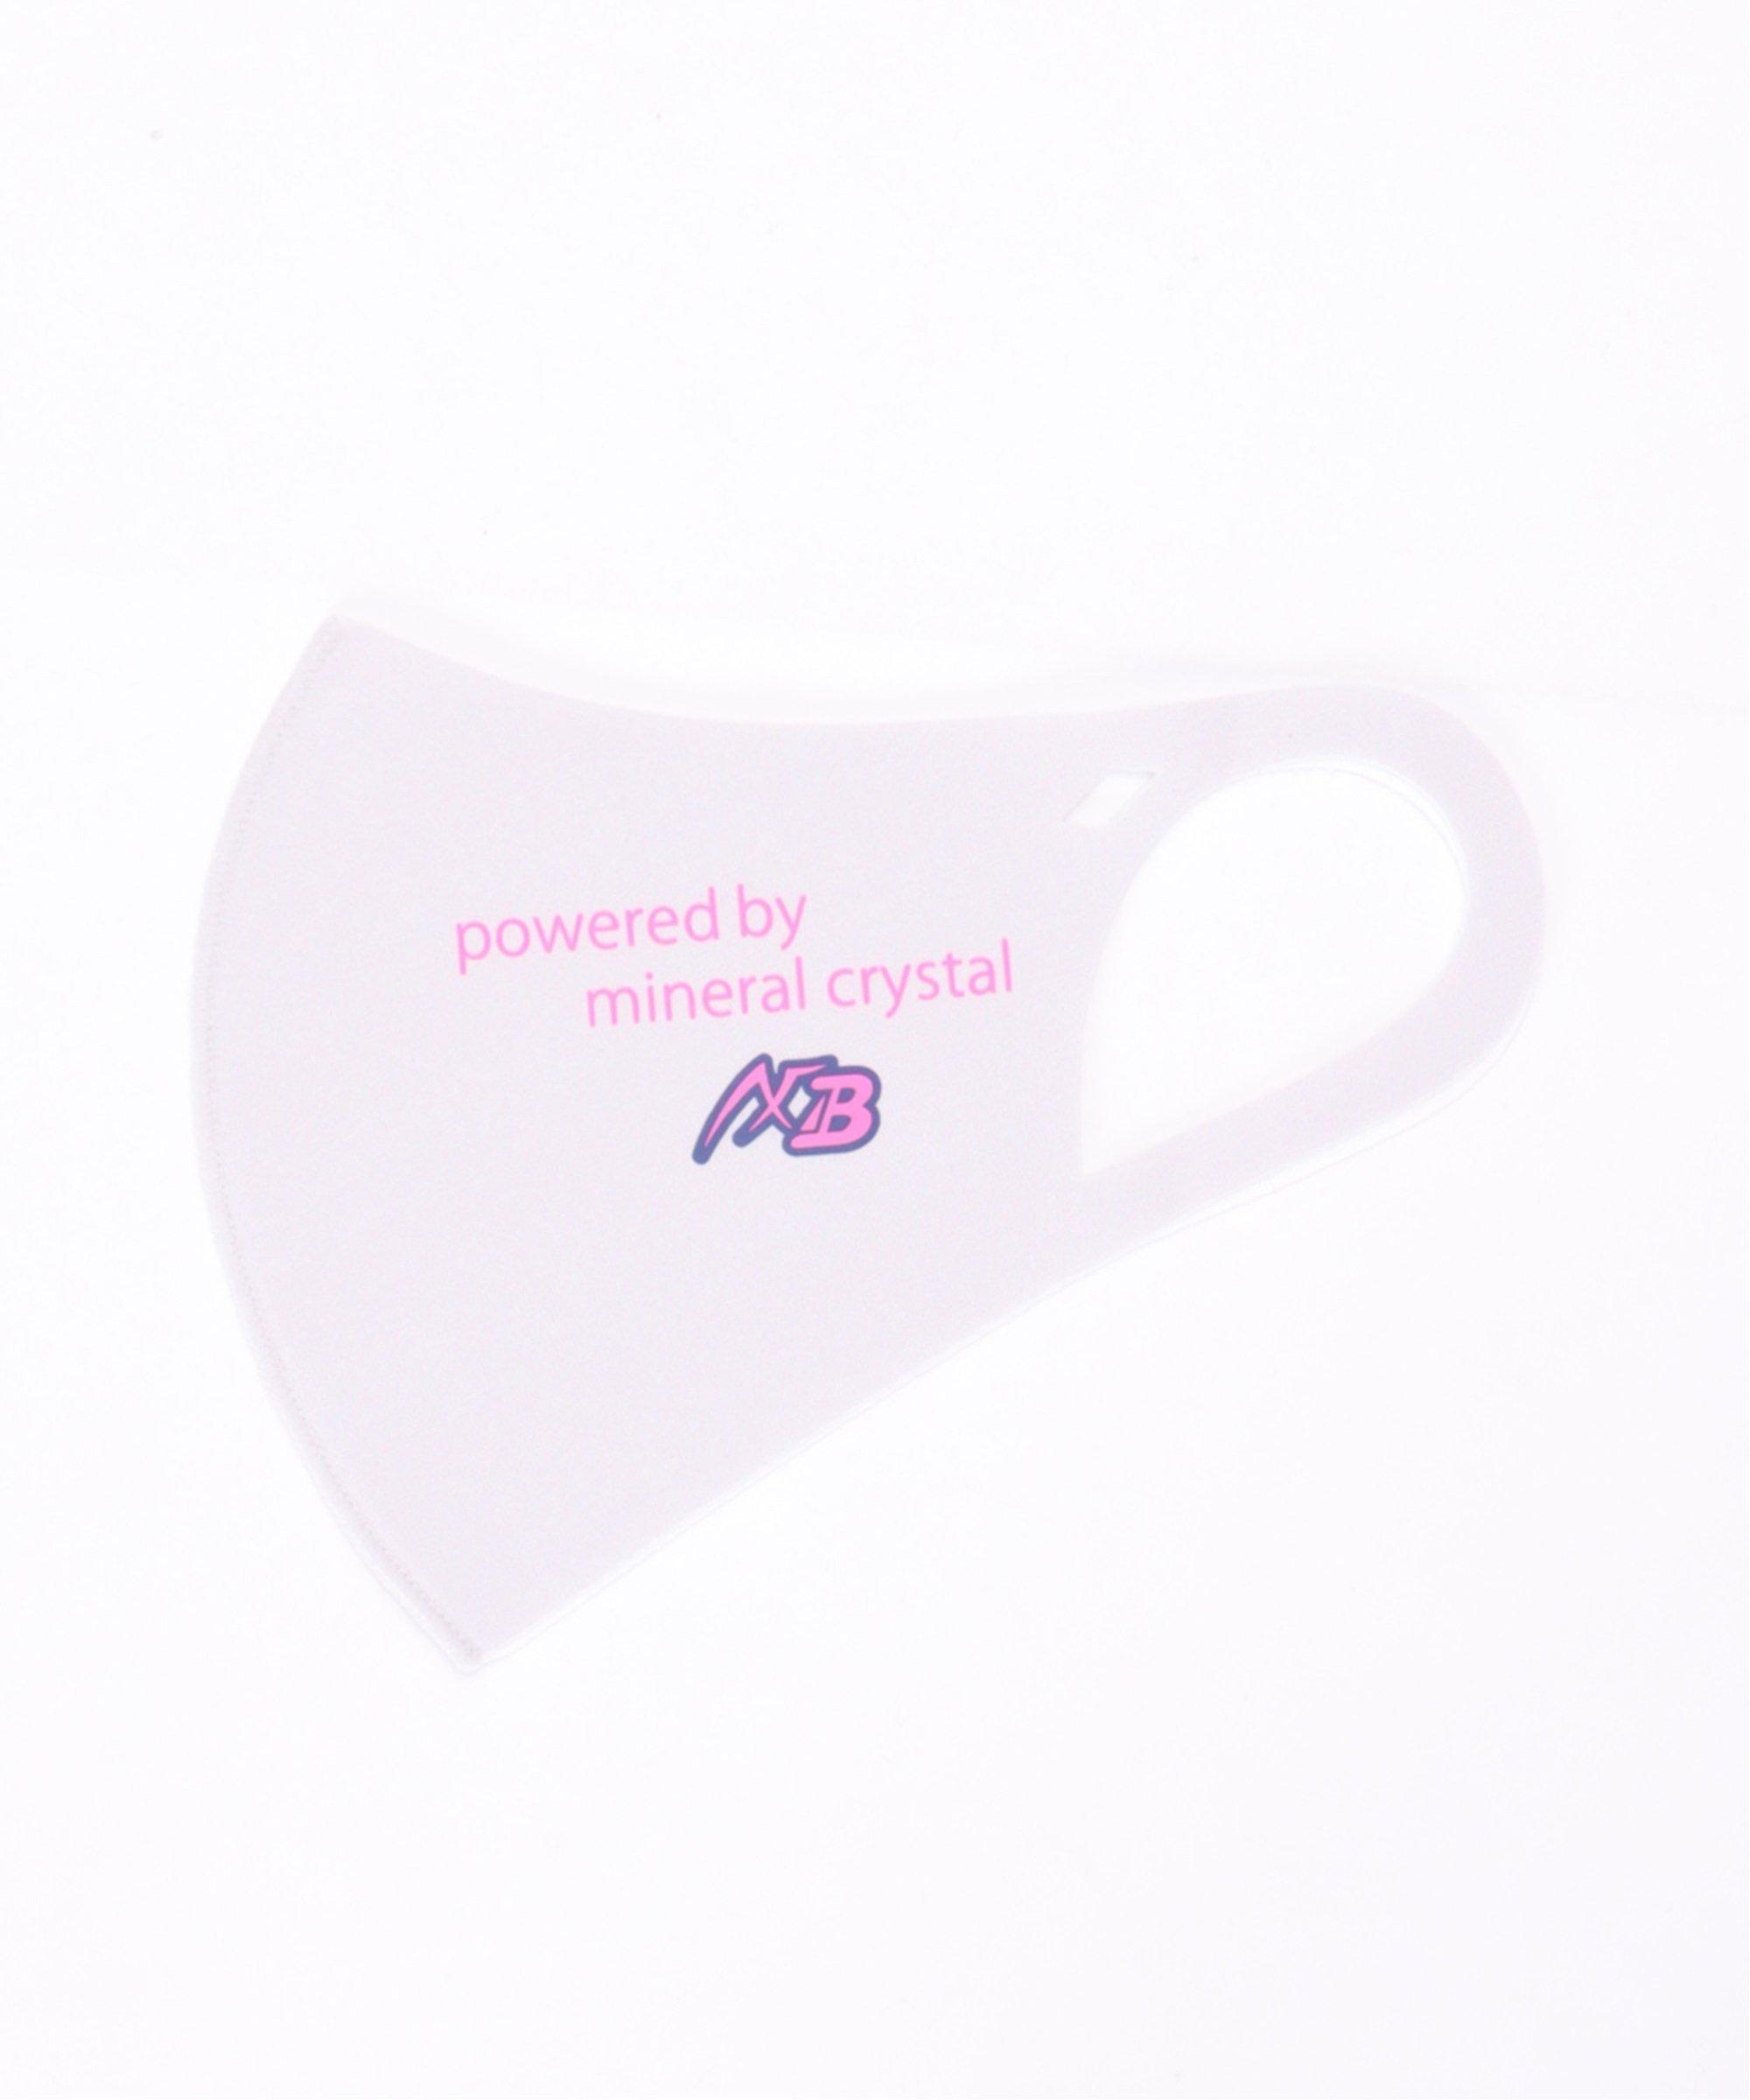 【おとな用】AXFマスクムジXBロゴGY ピンク